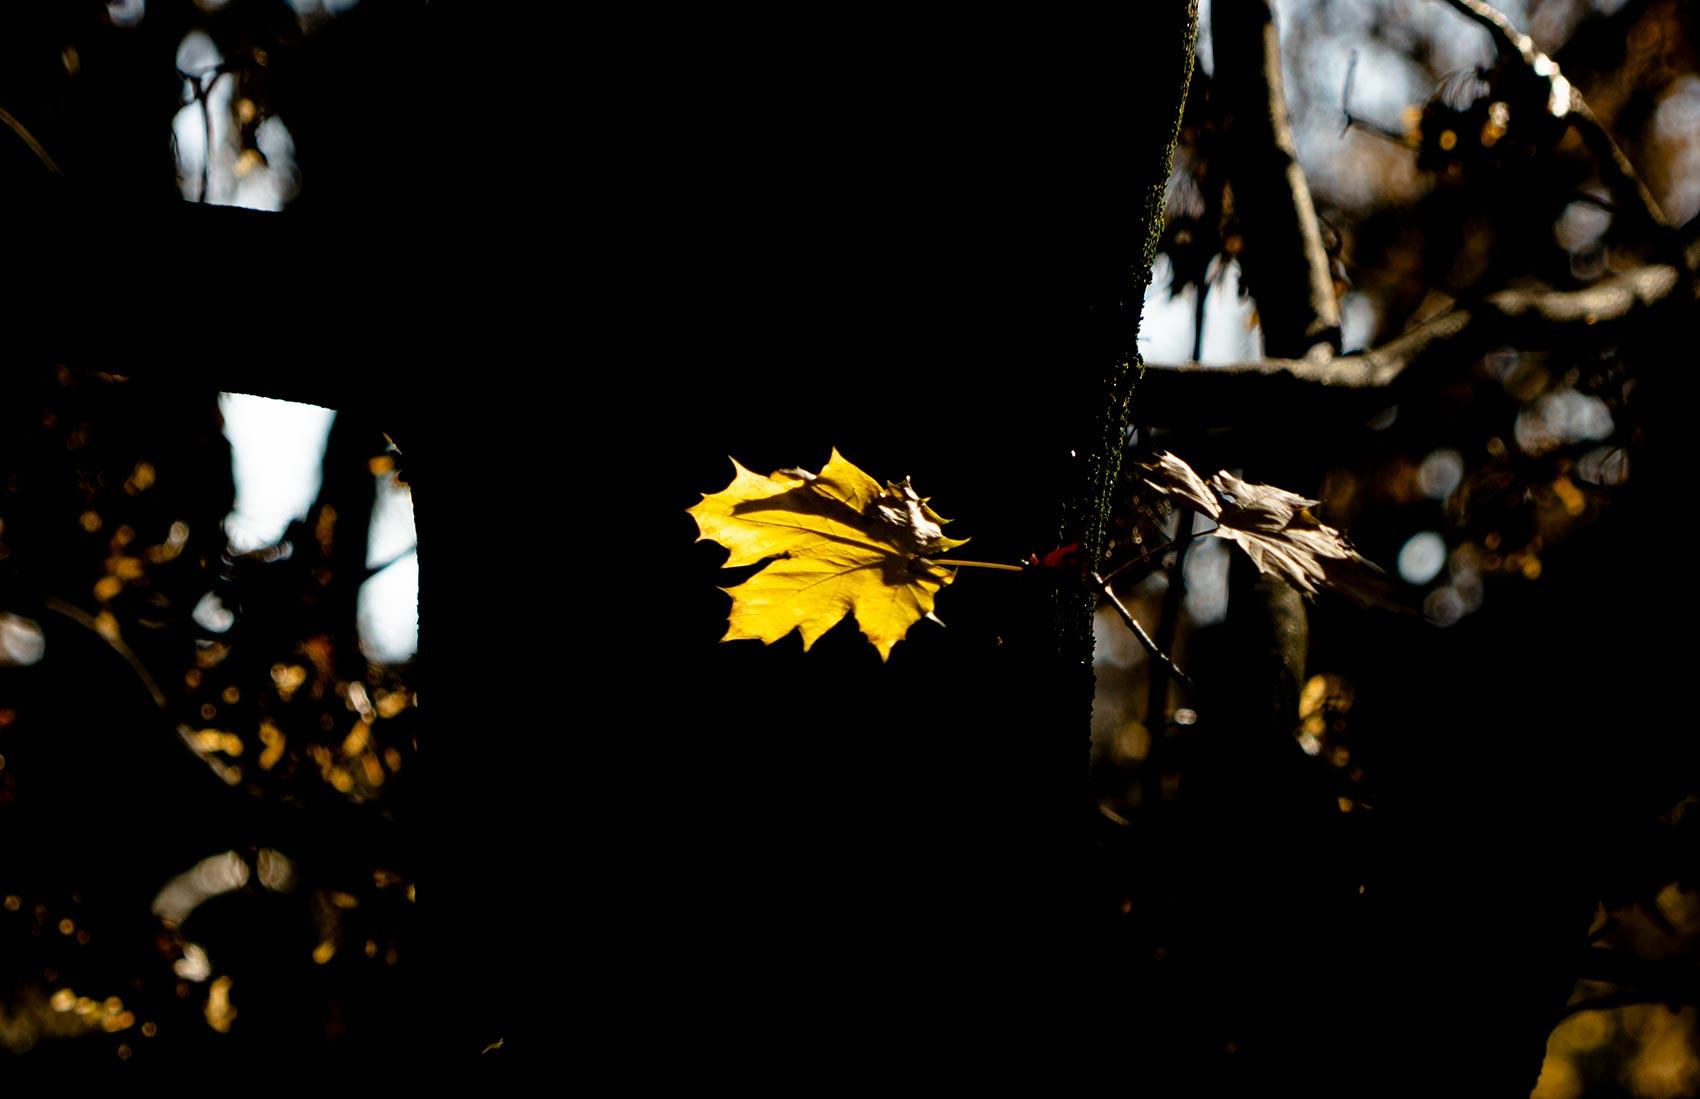 Joyside autunno luci solitarie colori immagini